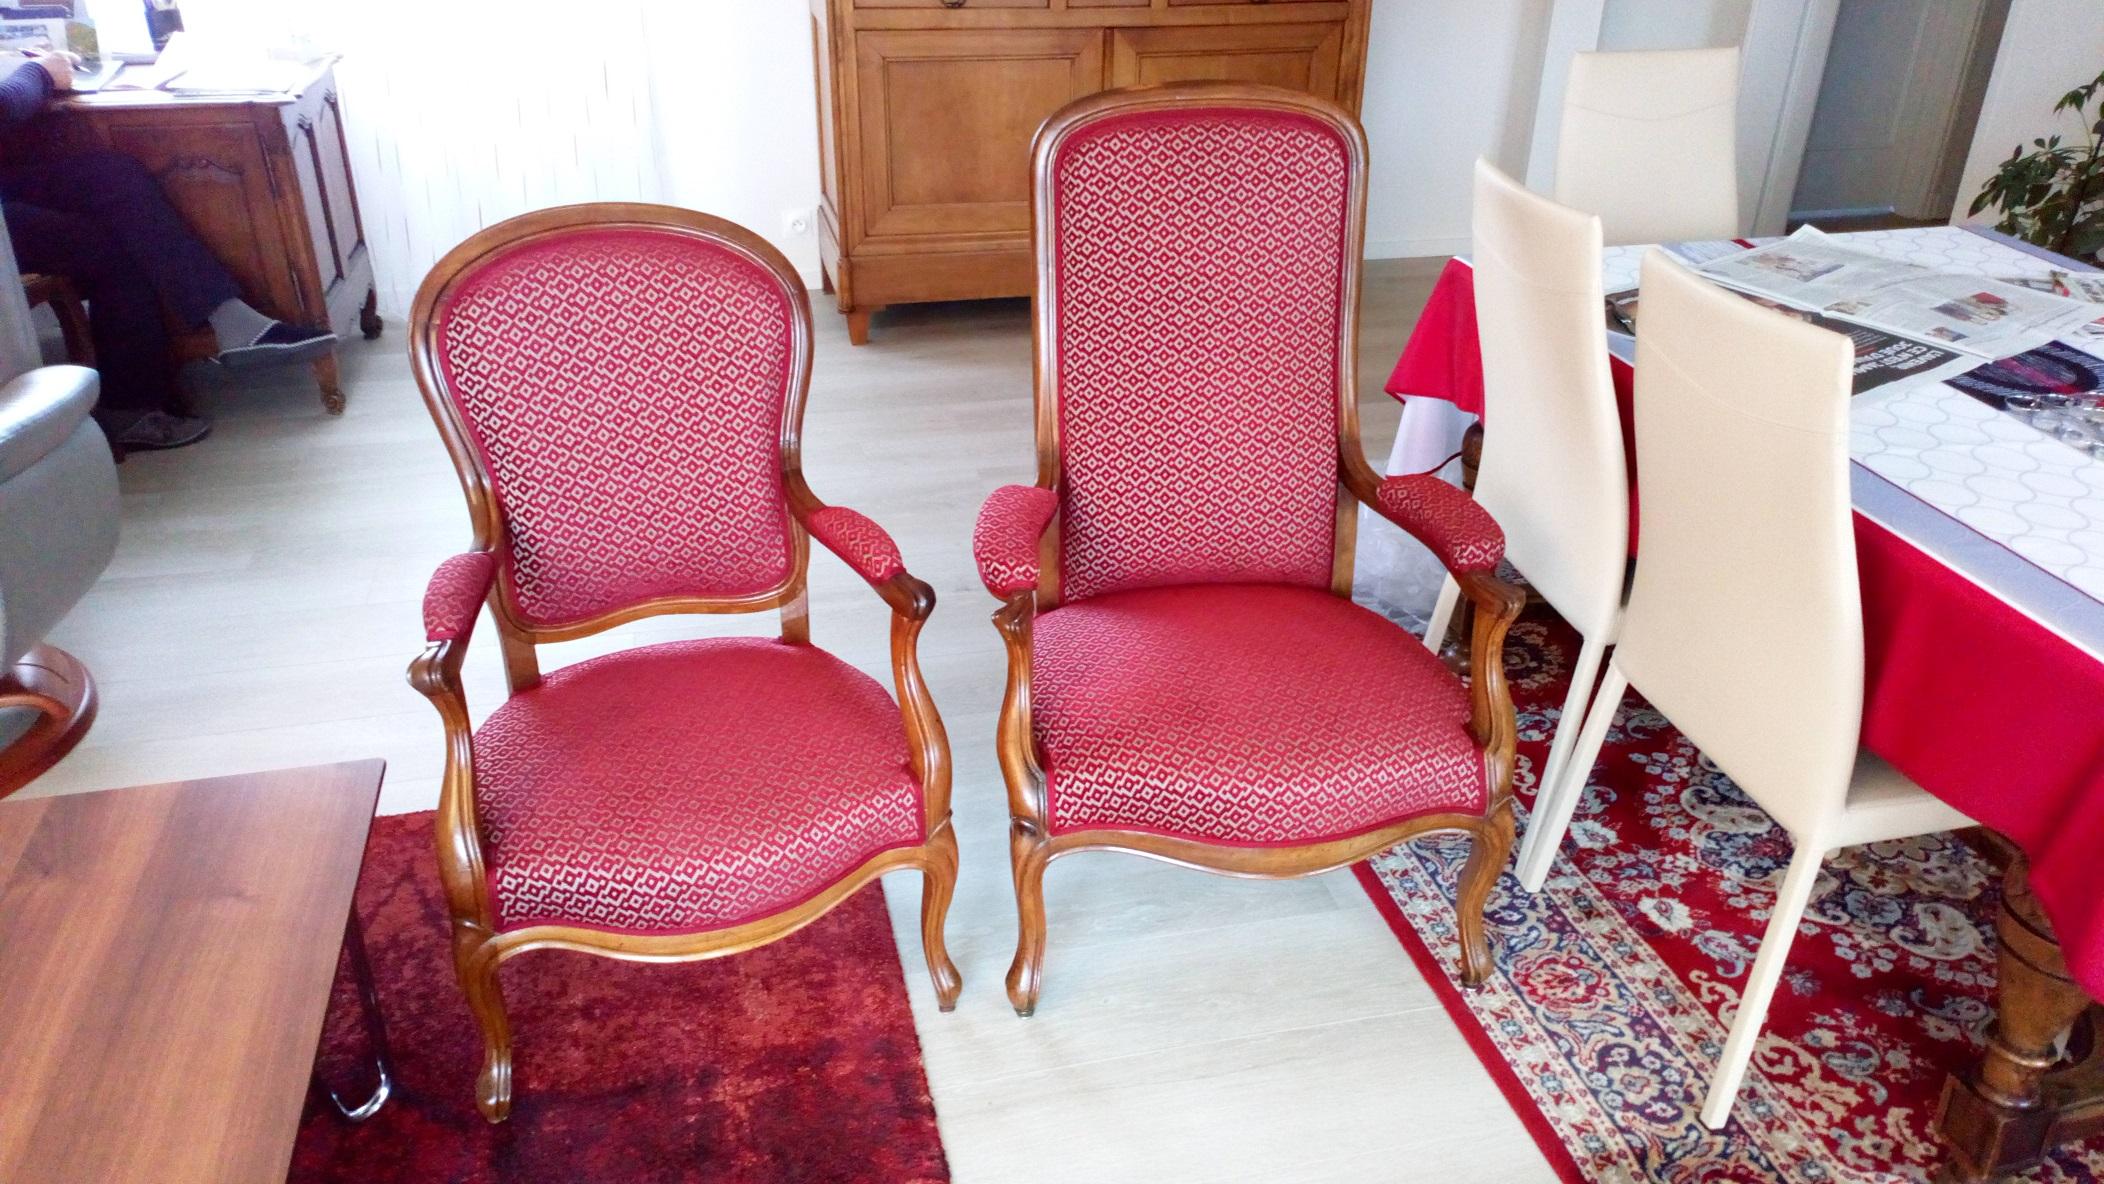 fauteuil Voltaire & Fauteuil restauration